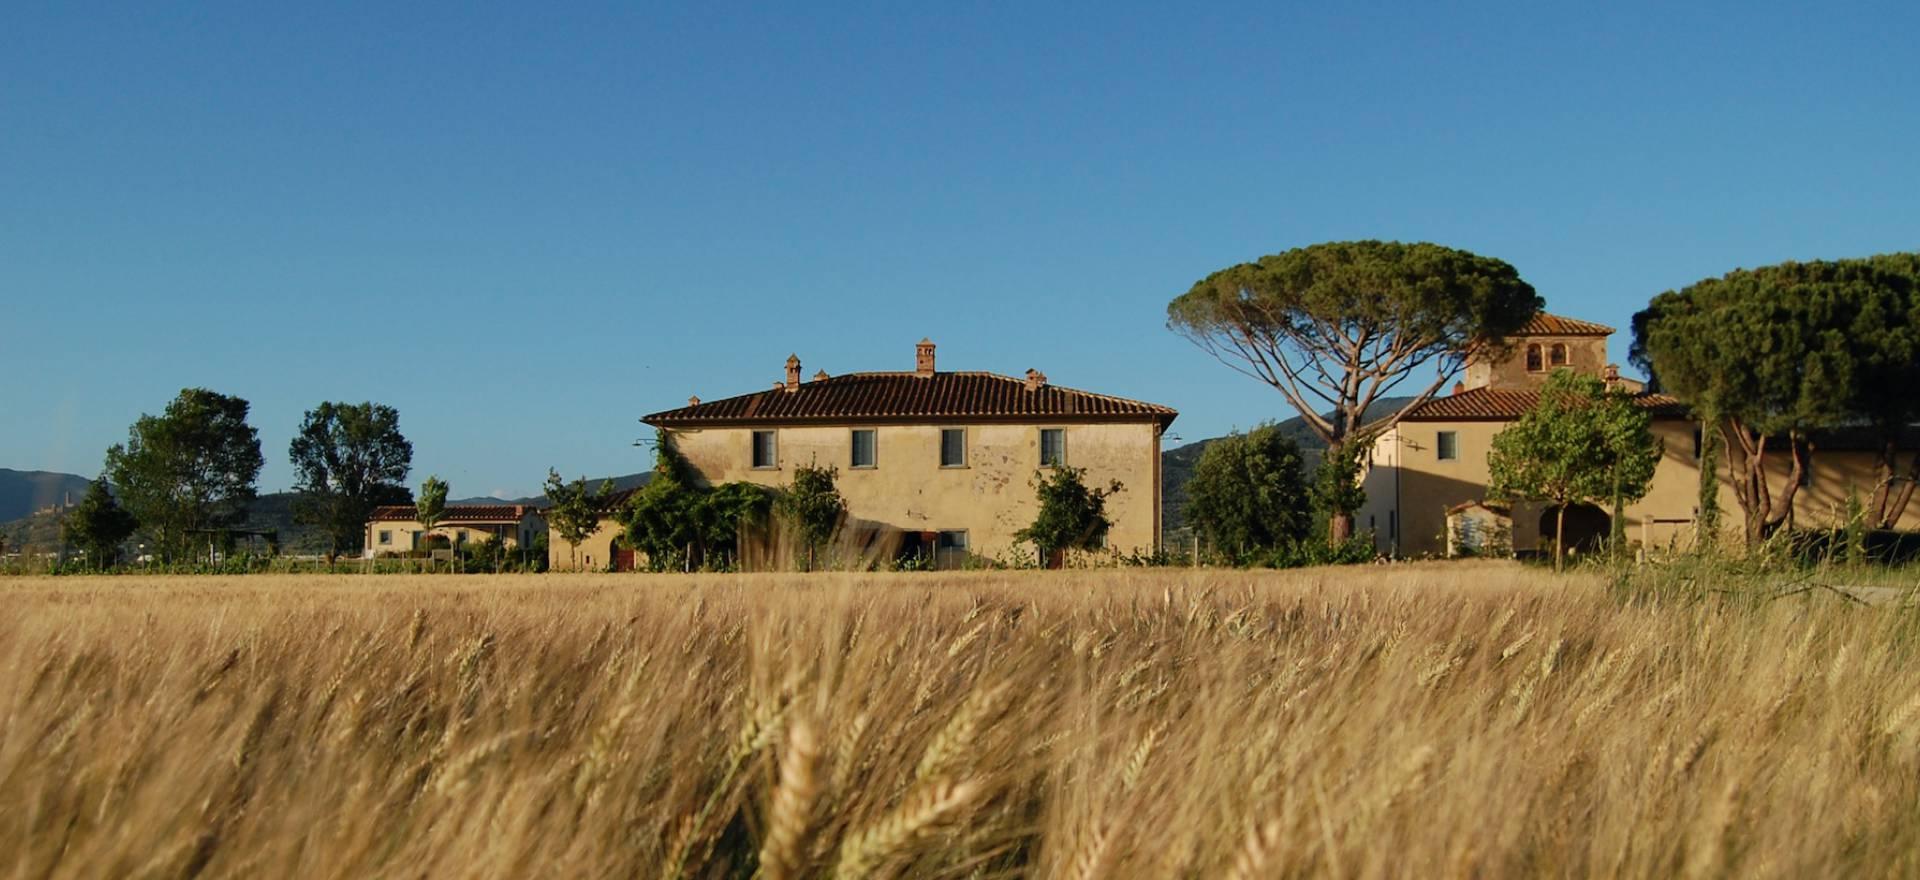 Agriturismo Toscane Mooie agriturismo niet ver van Cortona